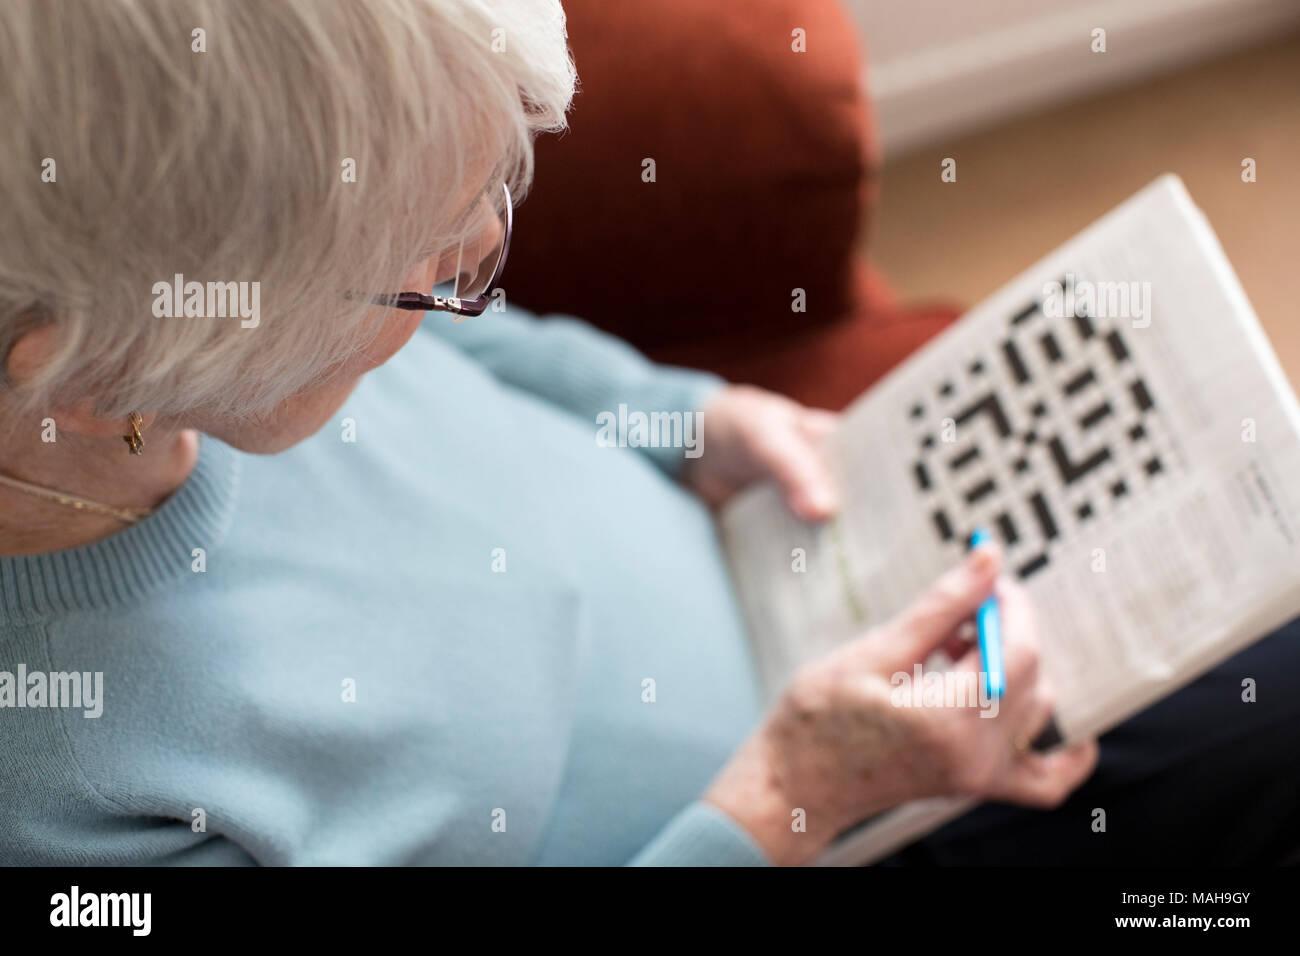 Crossword Puzzle Newspaper Stock Photos & Crossword Puzzle Newspaper ...